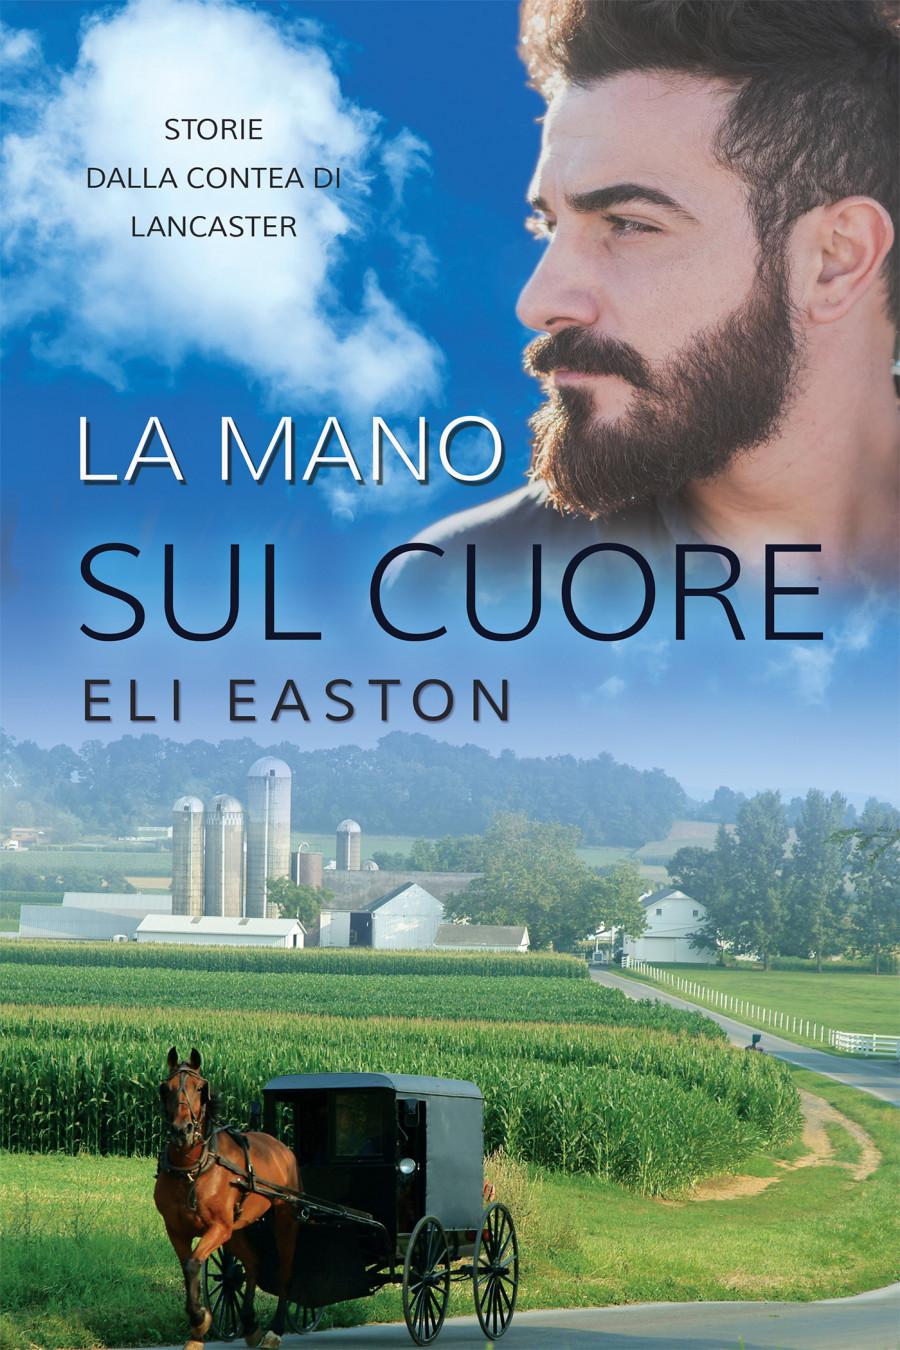 Eli Easton - Storie dalla contea di Lancaster 02.  La mano sul cuore (2018)